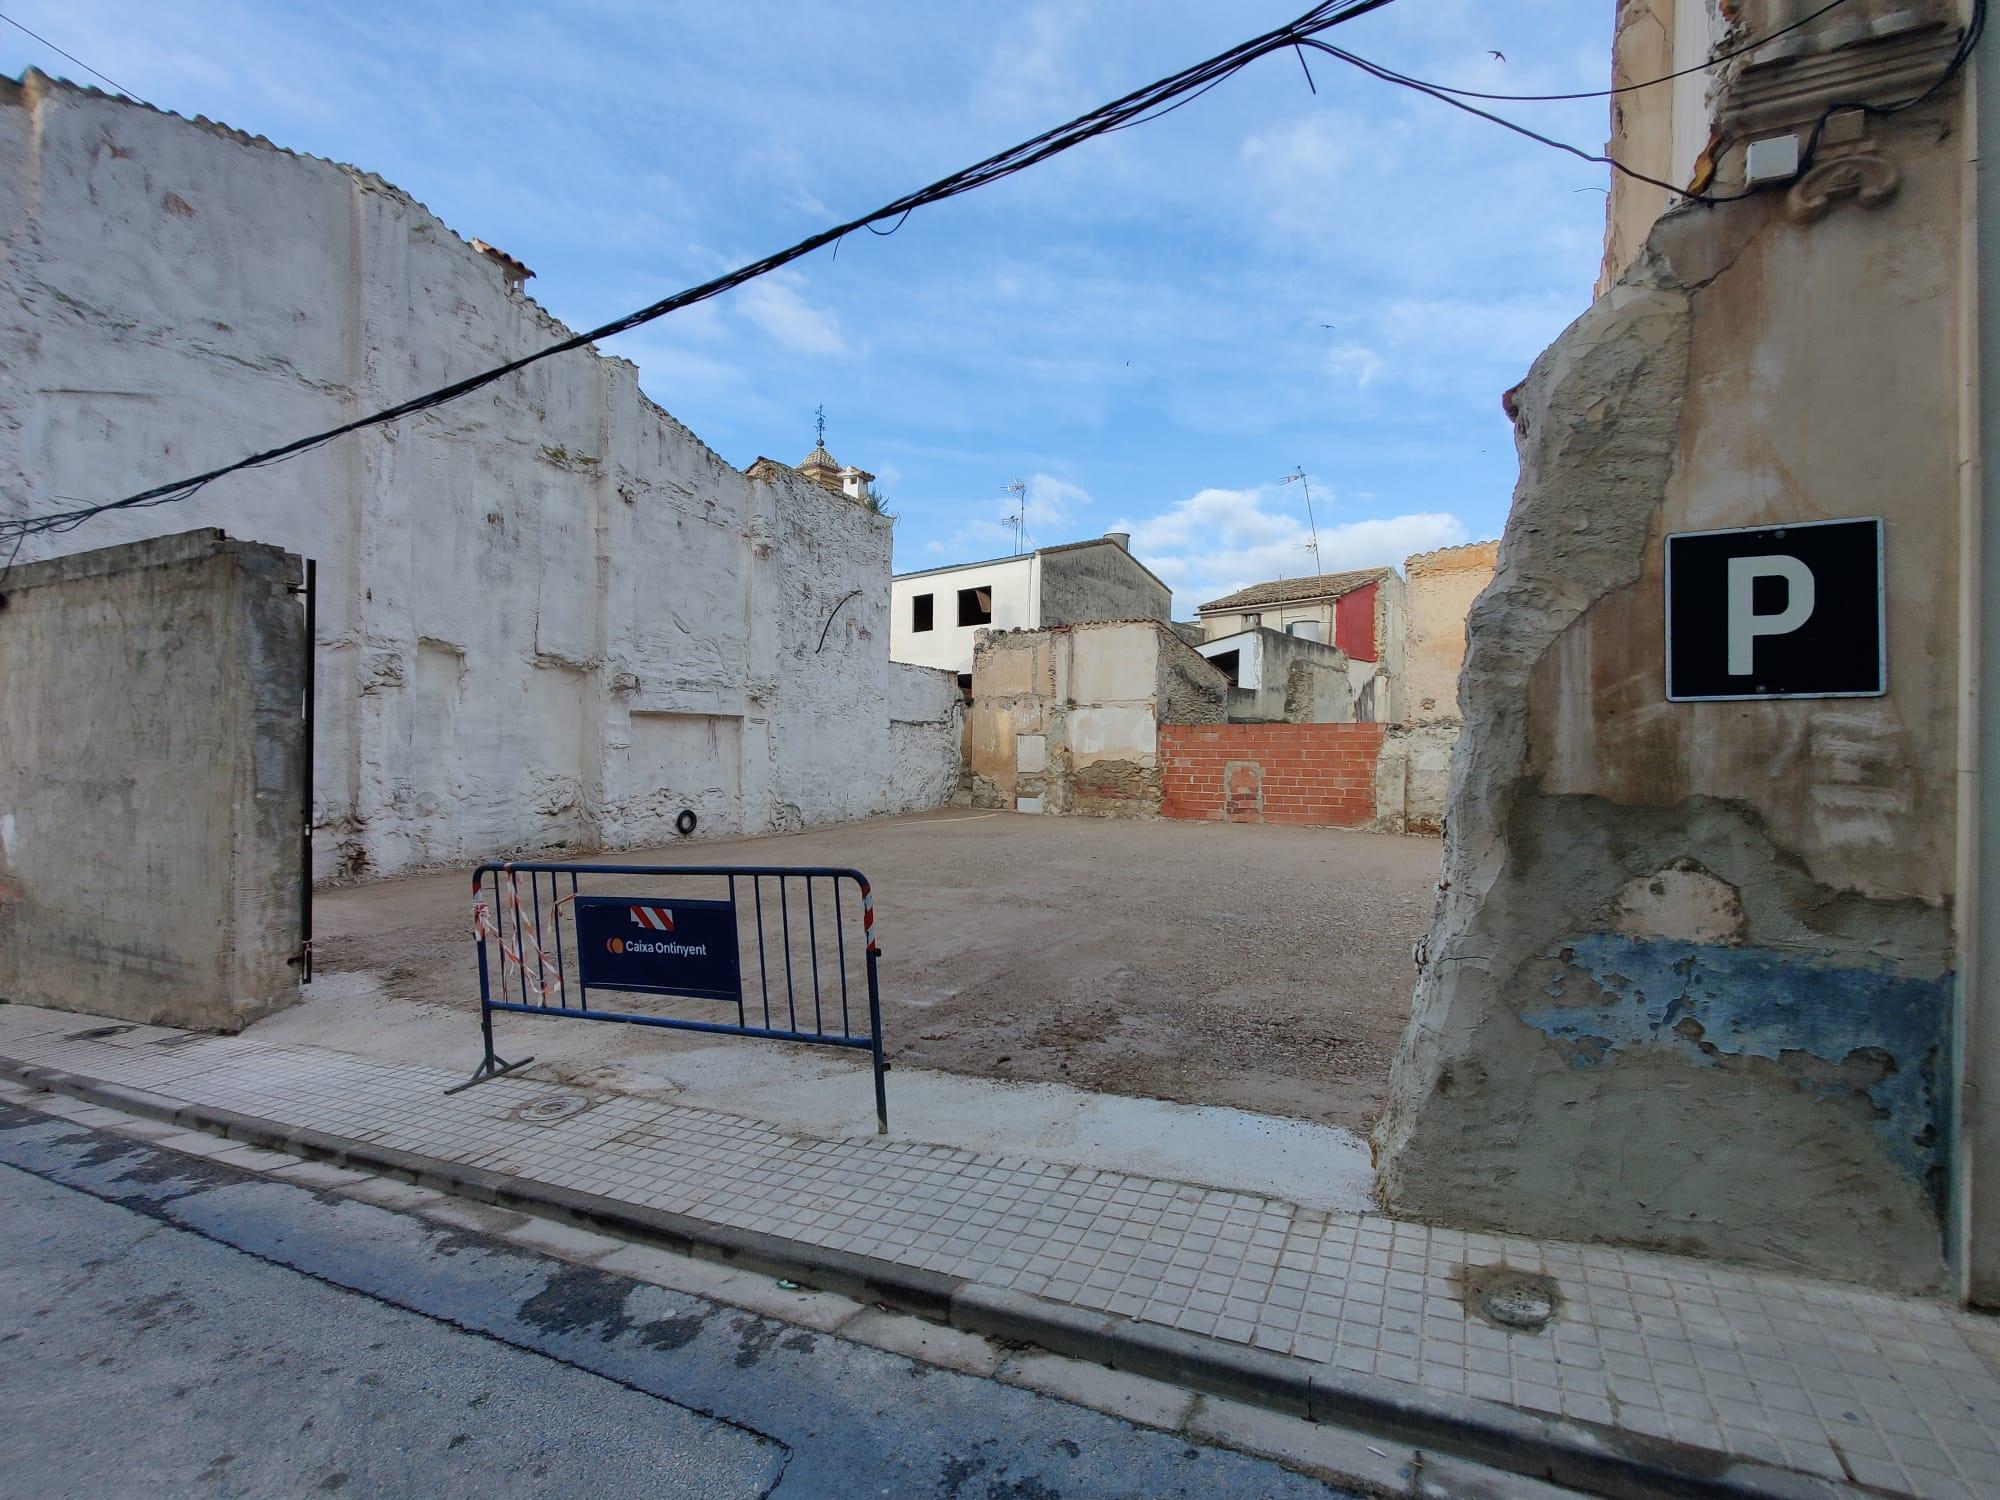 L'Ajuntament d'Aielo de Malferit habilita una zona d'estacionament junt al Carrer Major